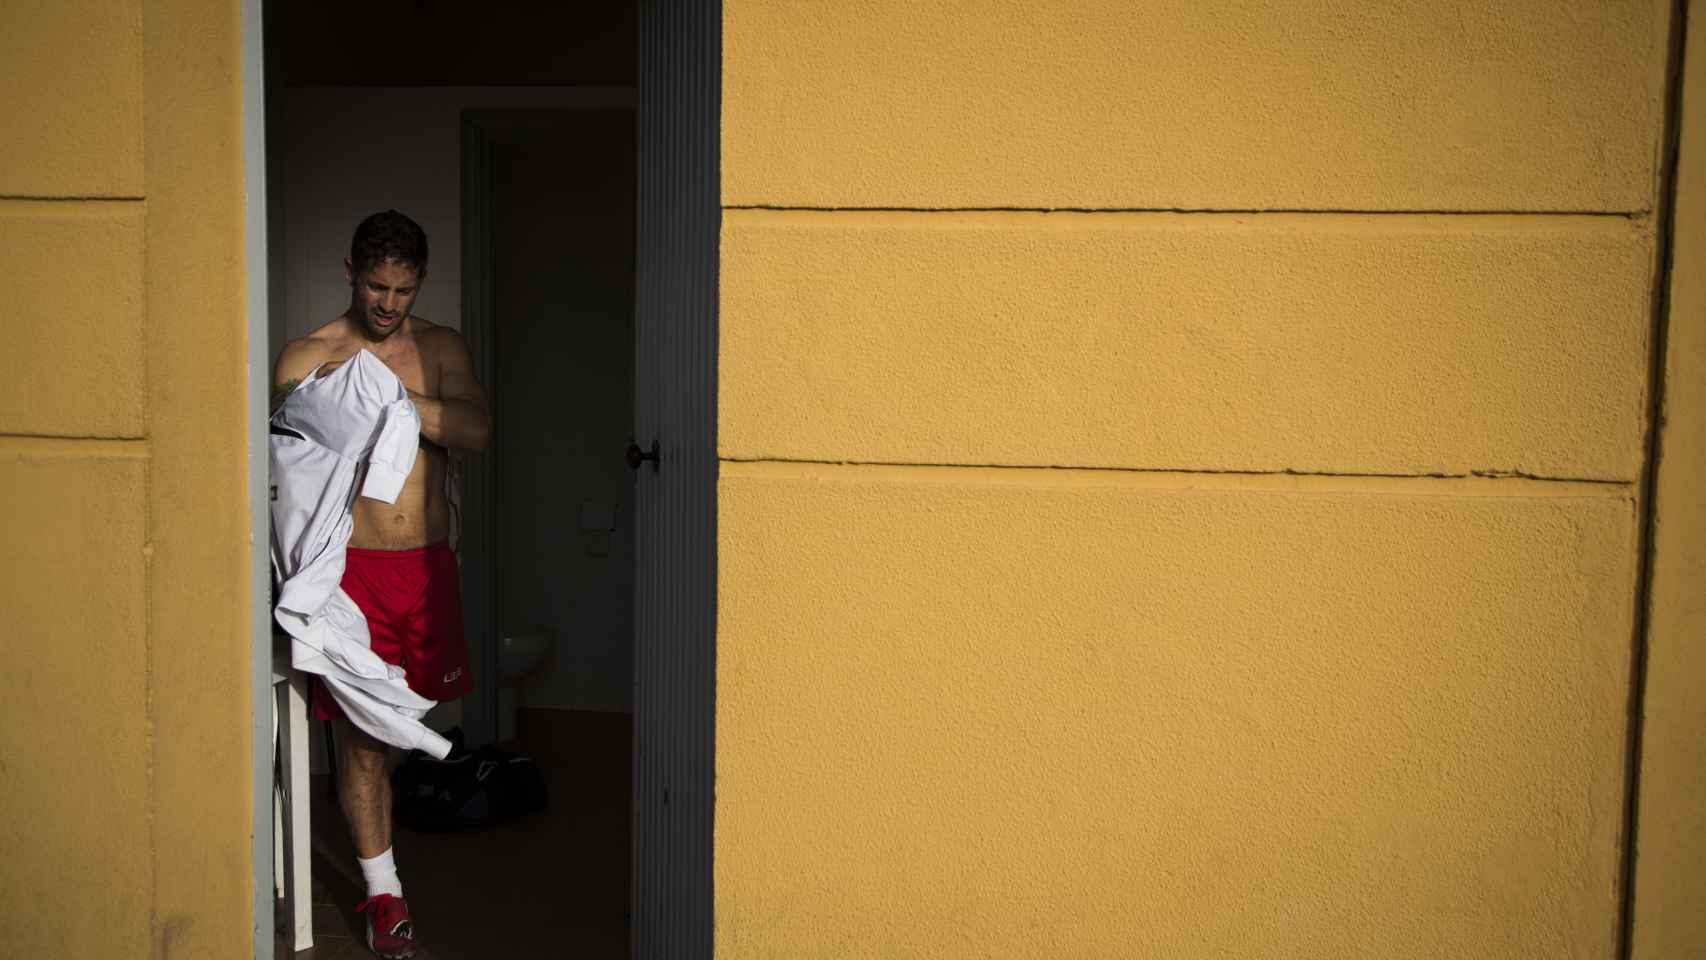 Ihan Ettalib y Francisco Vaquero, de la selección española de amputados, tras el entrenamiento. Foto Fernando Ruso